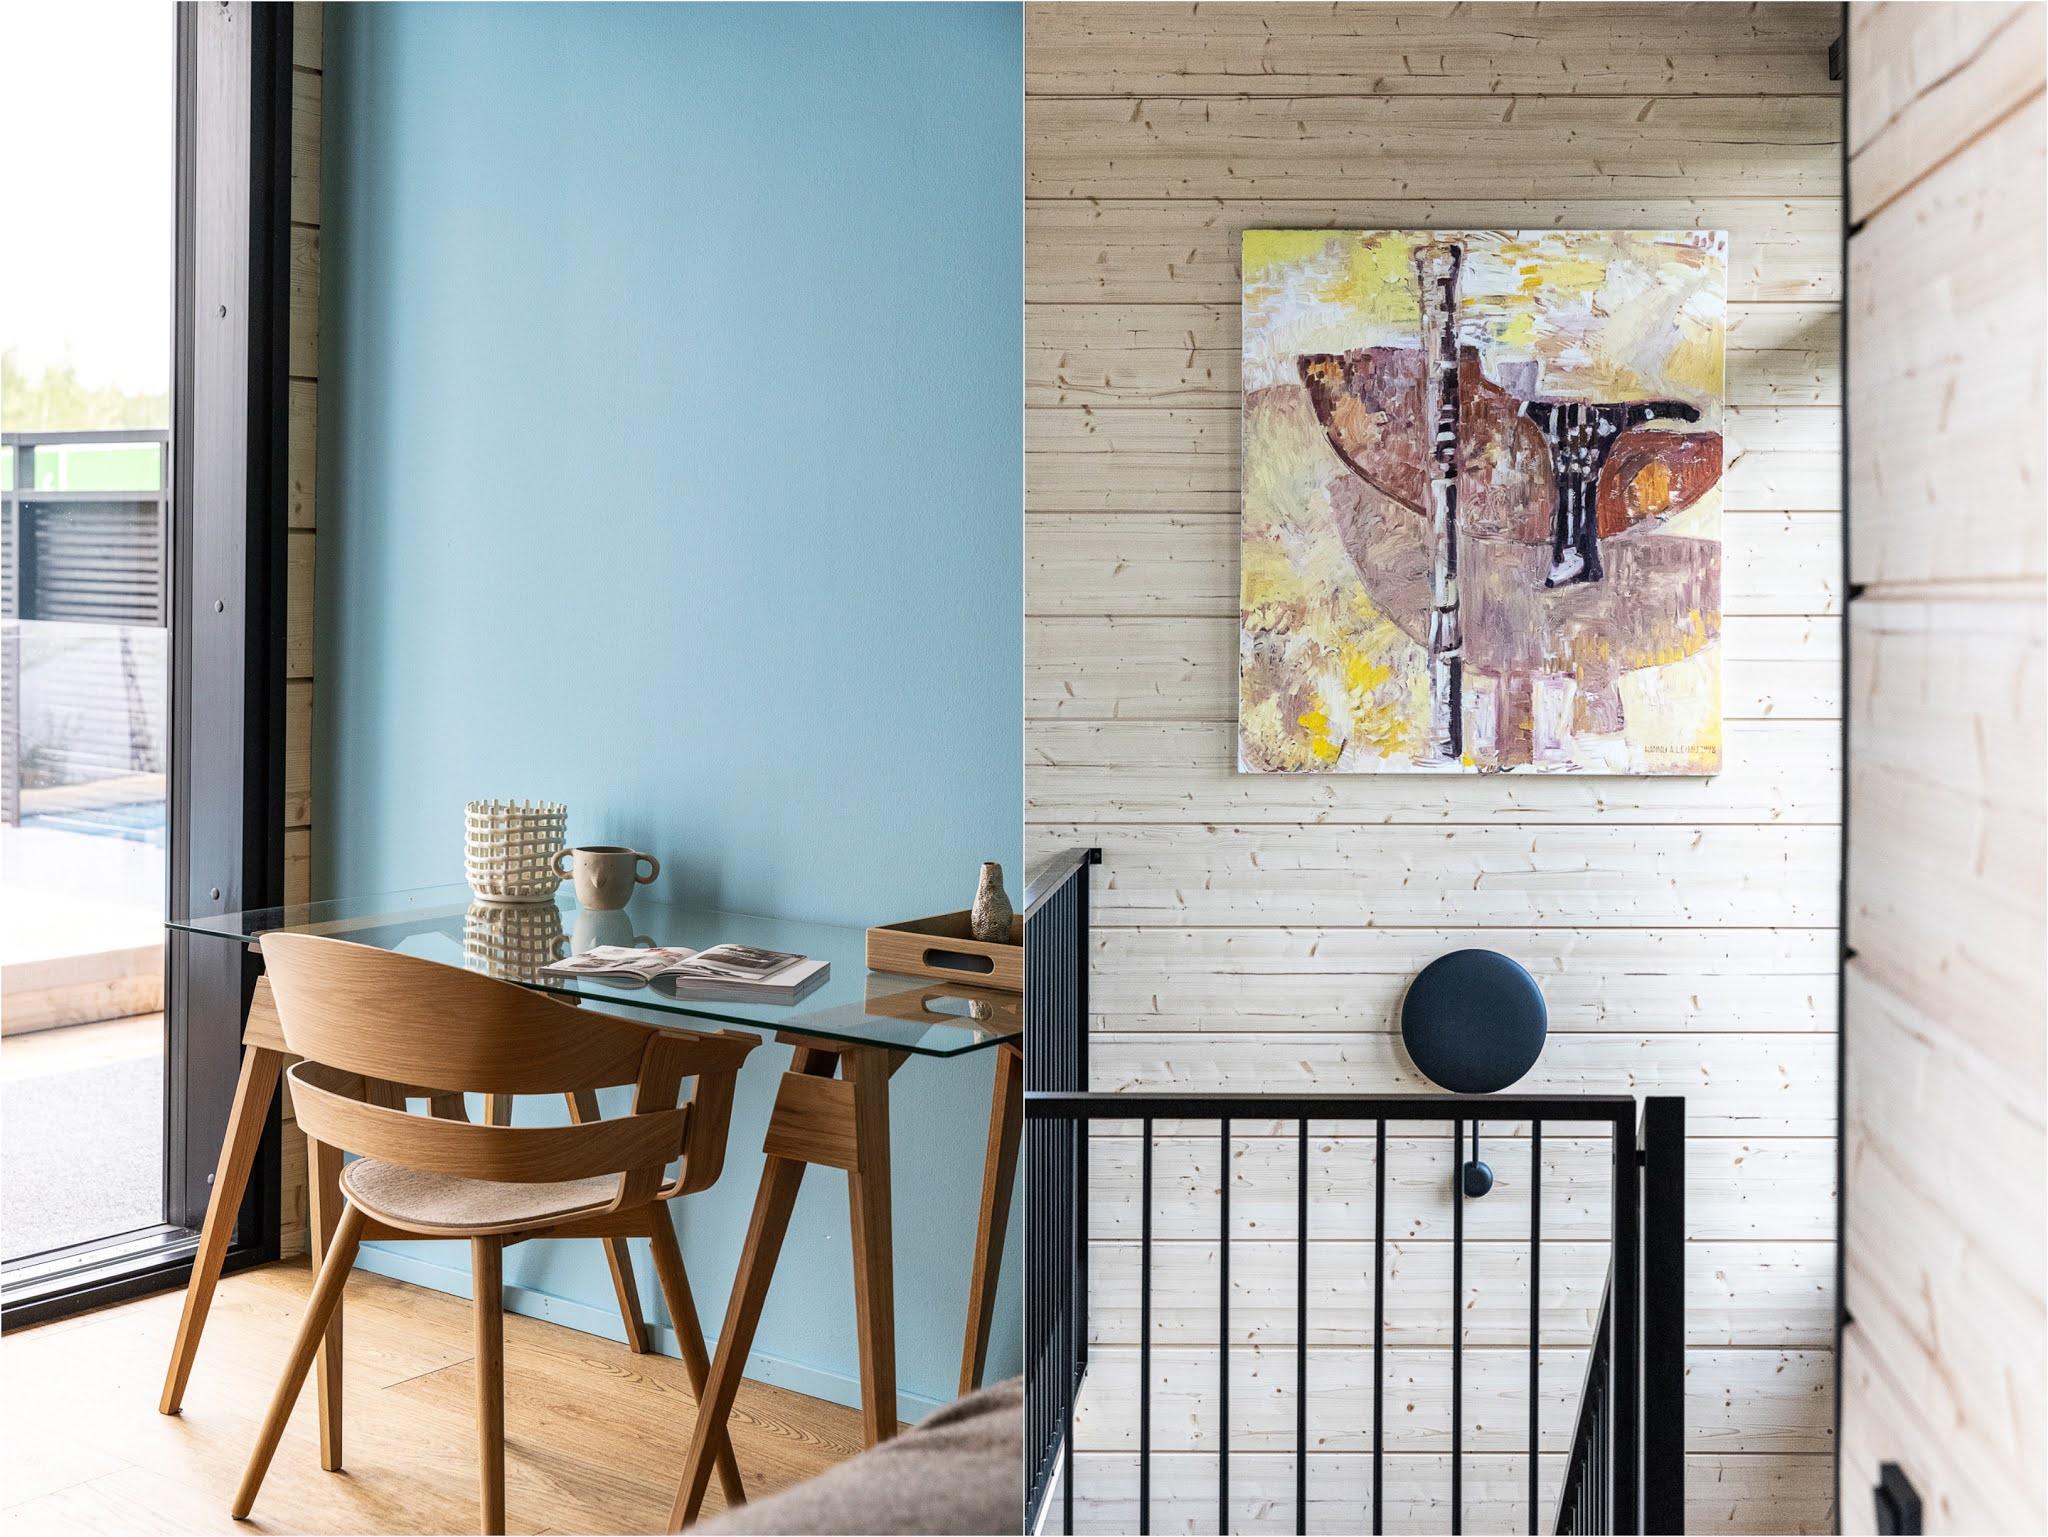 Asuntomessut 2021, asuntomessukohde, Lohjan asuntomessut, Vuoden 2021 Asuntomessut, parhaat asuntomessukohteet, tärpit messuille, valokuvaaja, visualaddict, Frida Steiner, visualaddictfrida, sisustus, sisustusinspiraatio, sisustaminen, keittiö, makuuhuone, olohuone, Villa Nordic Stories, Pluspuutalot, Ollikaisen Hirsirakenne